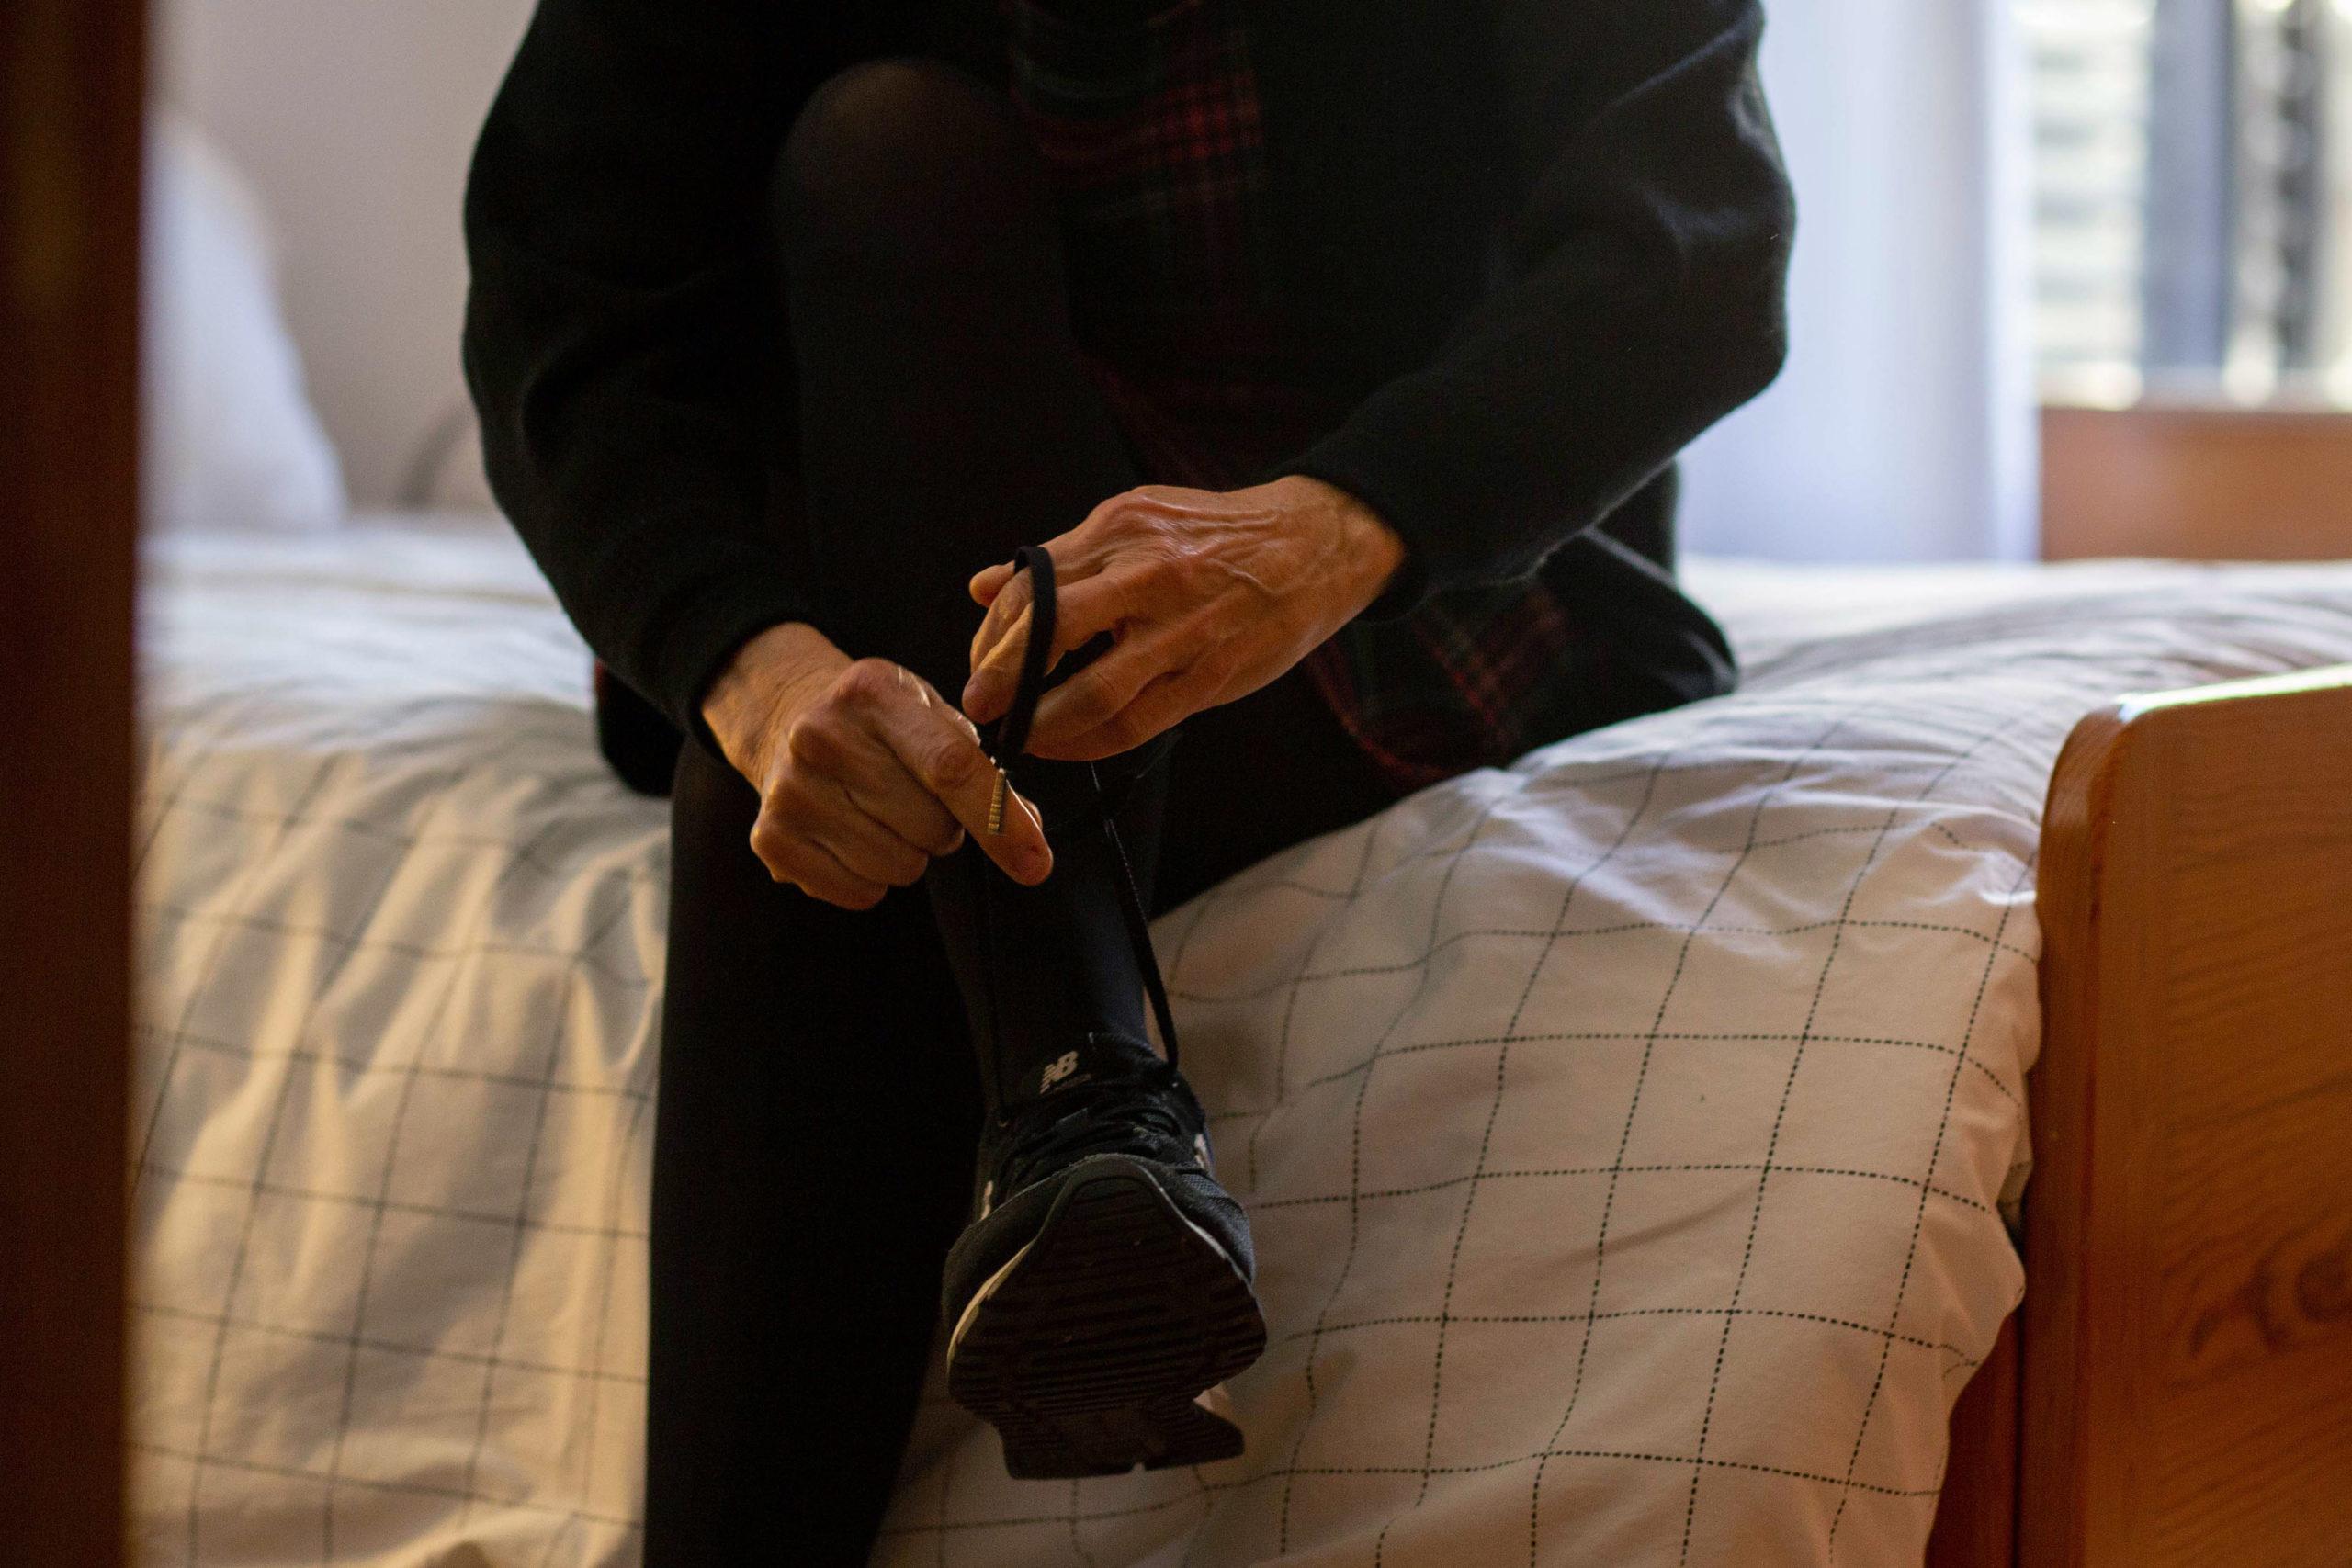 Pla detall d'una dona cordant-se les sabates